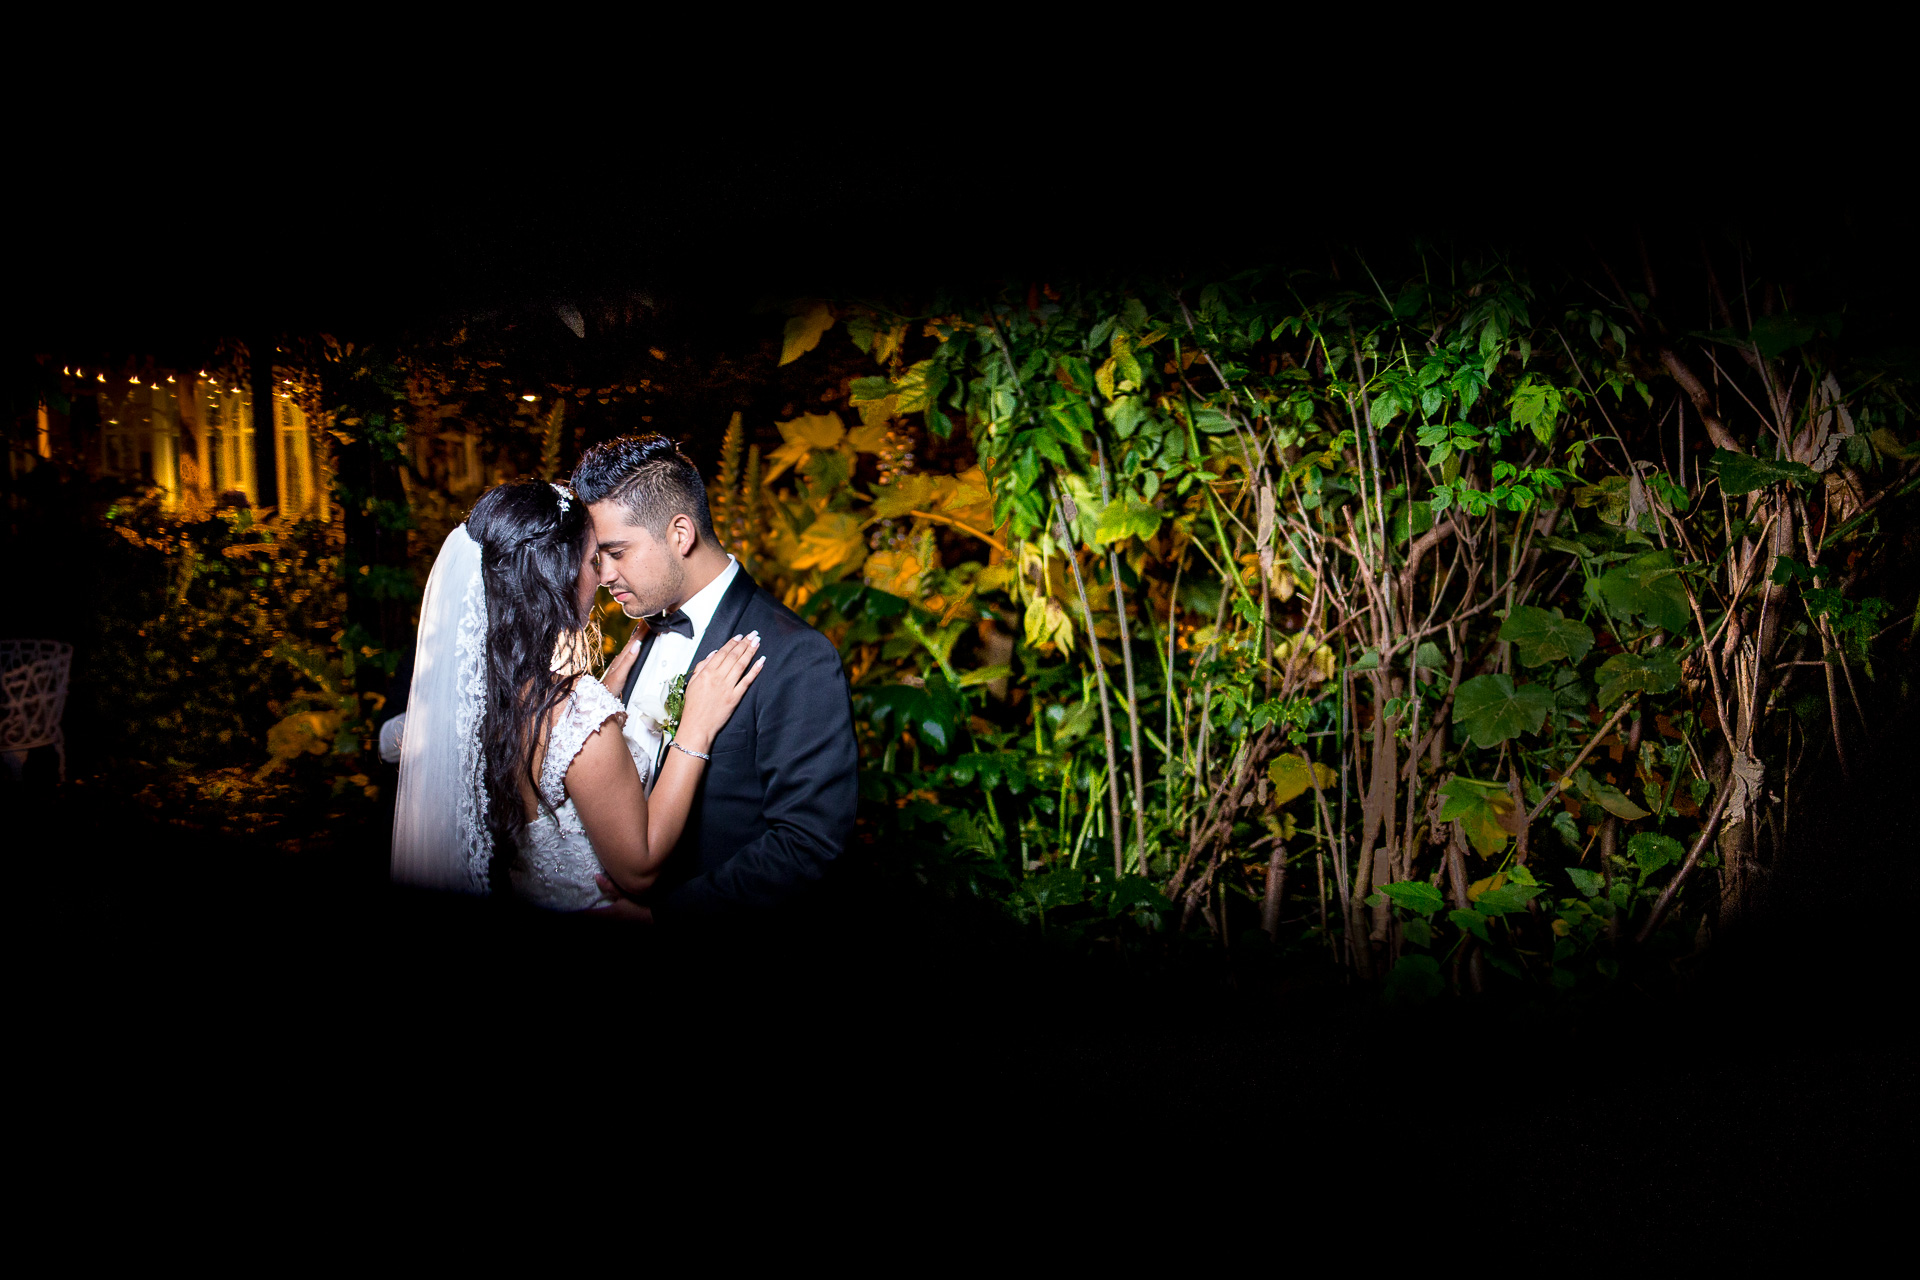 Fotógrafos-de-bodas-en-Colombia-Alejandro-y-Angelica-39-1 ALEJANDRO + ANGELICA